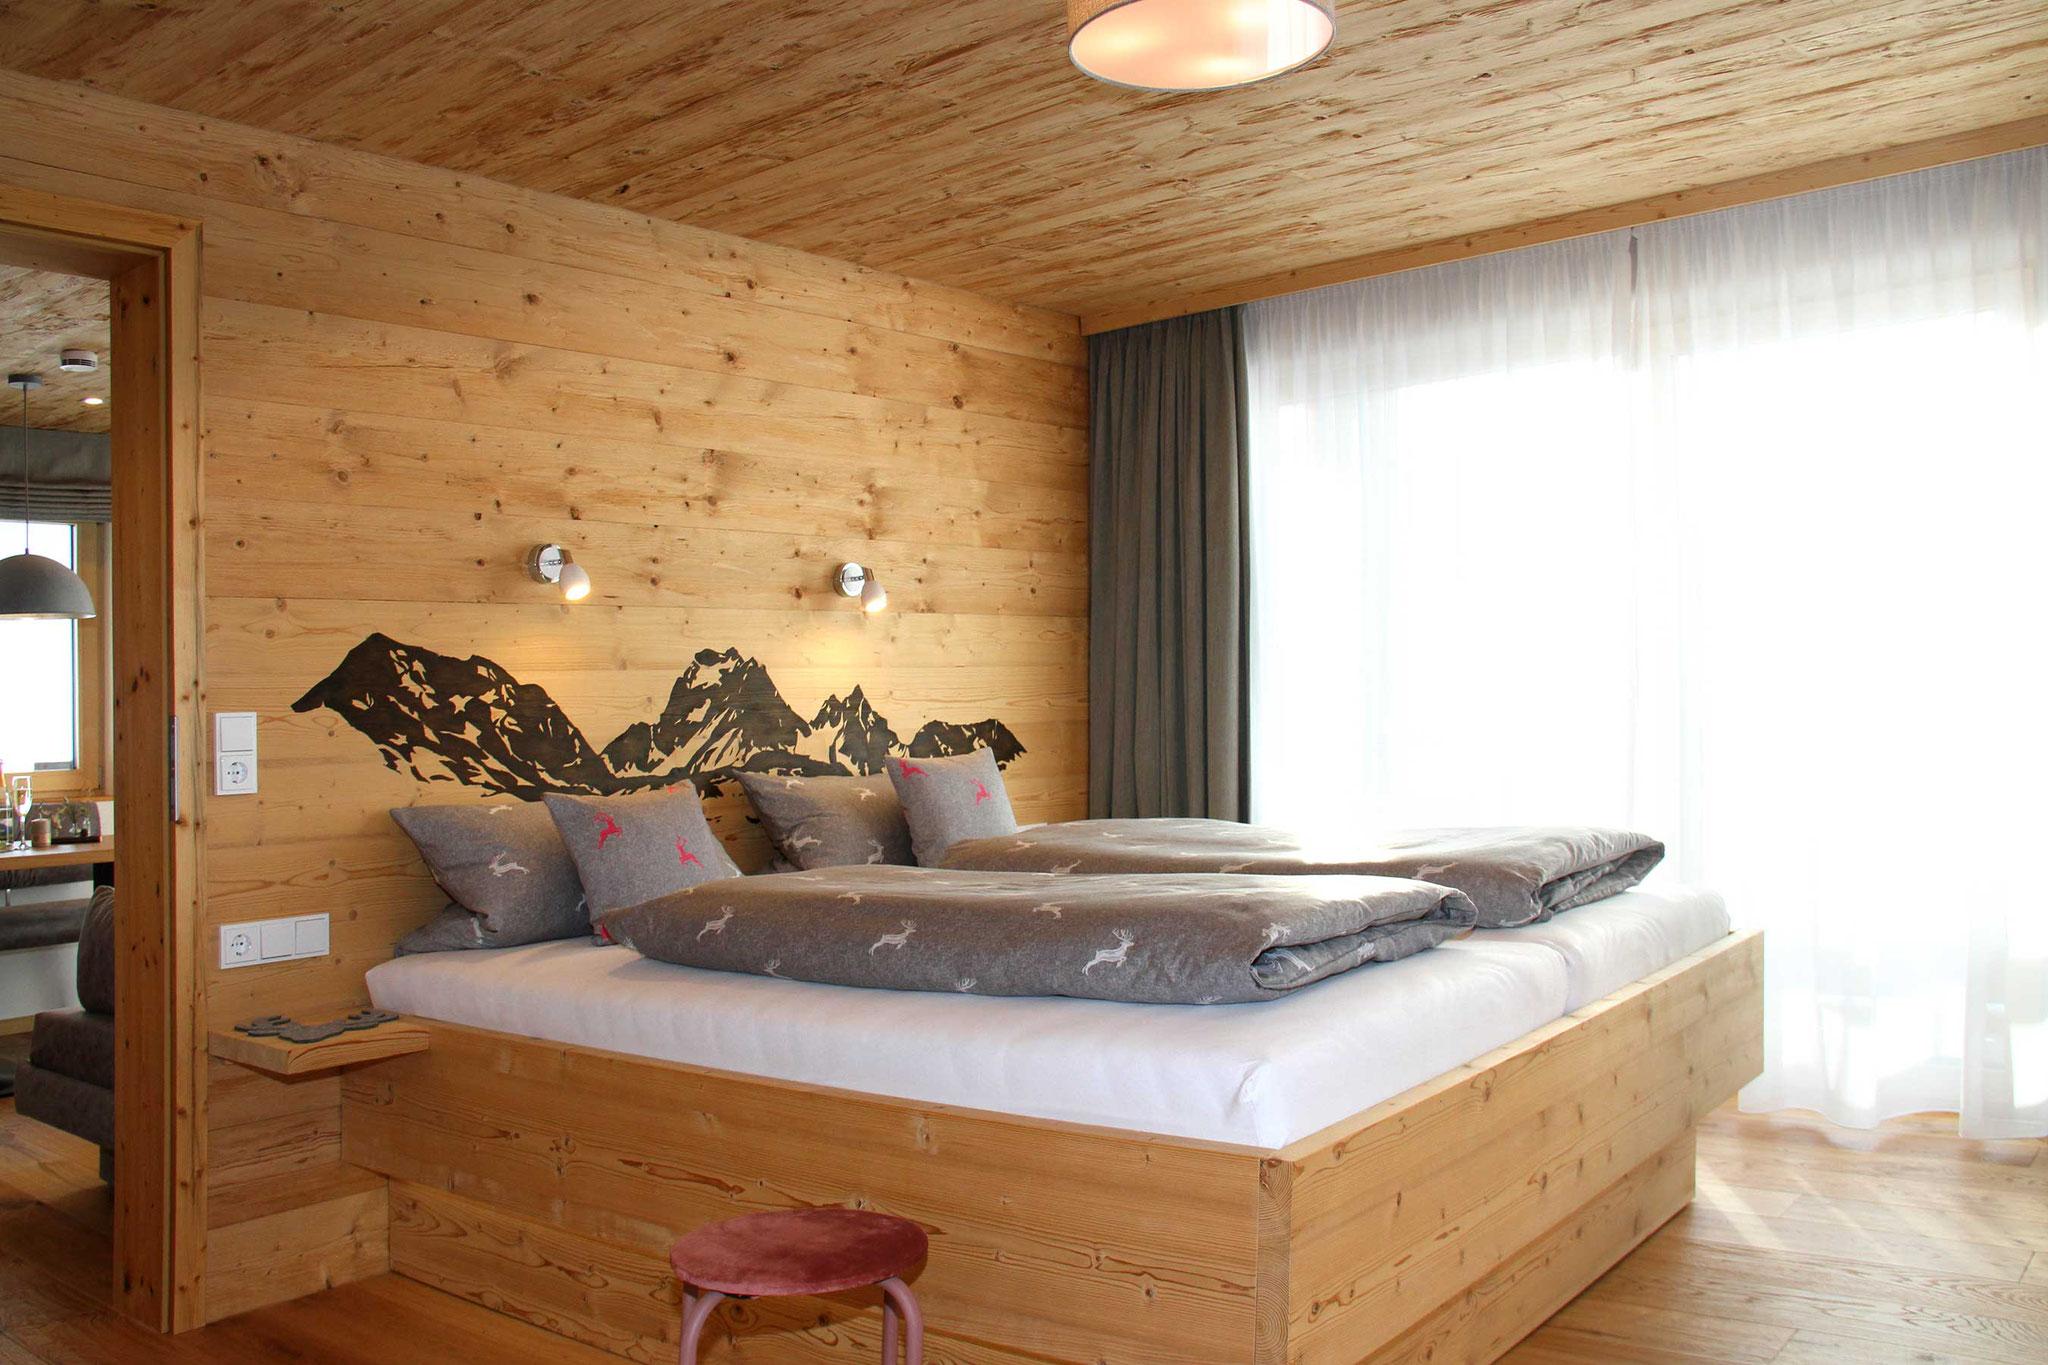 exklusive Ferienwohnung, Wiesengrund, Kleinwalsertal, Bergnäägele, Schlafzimmer